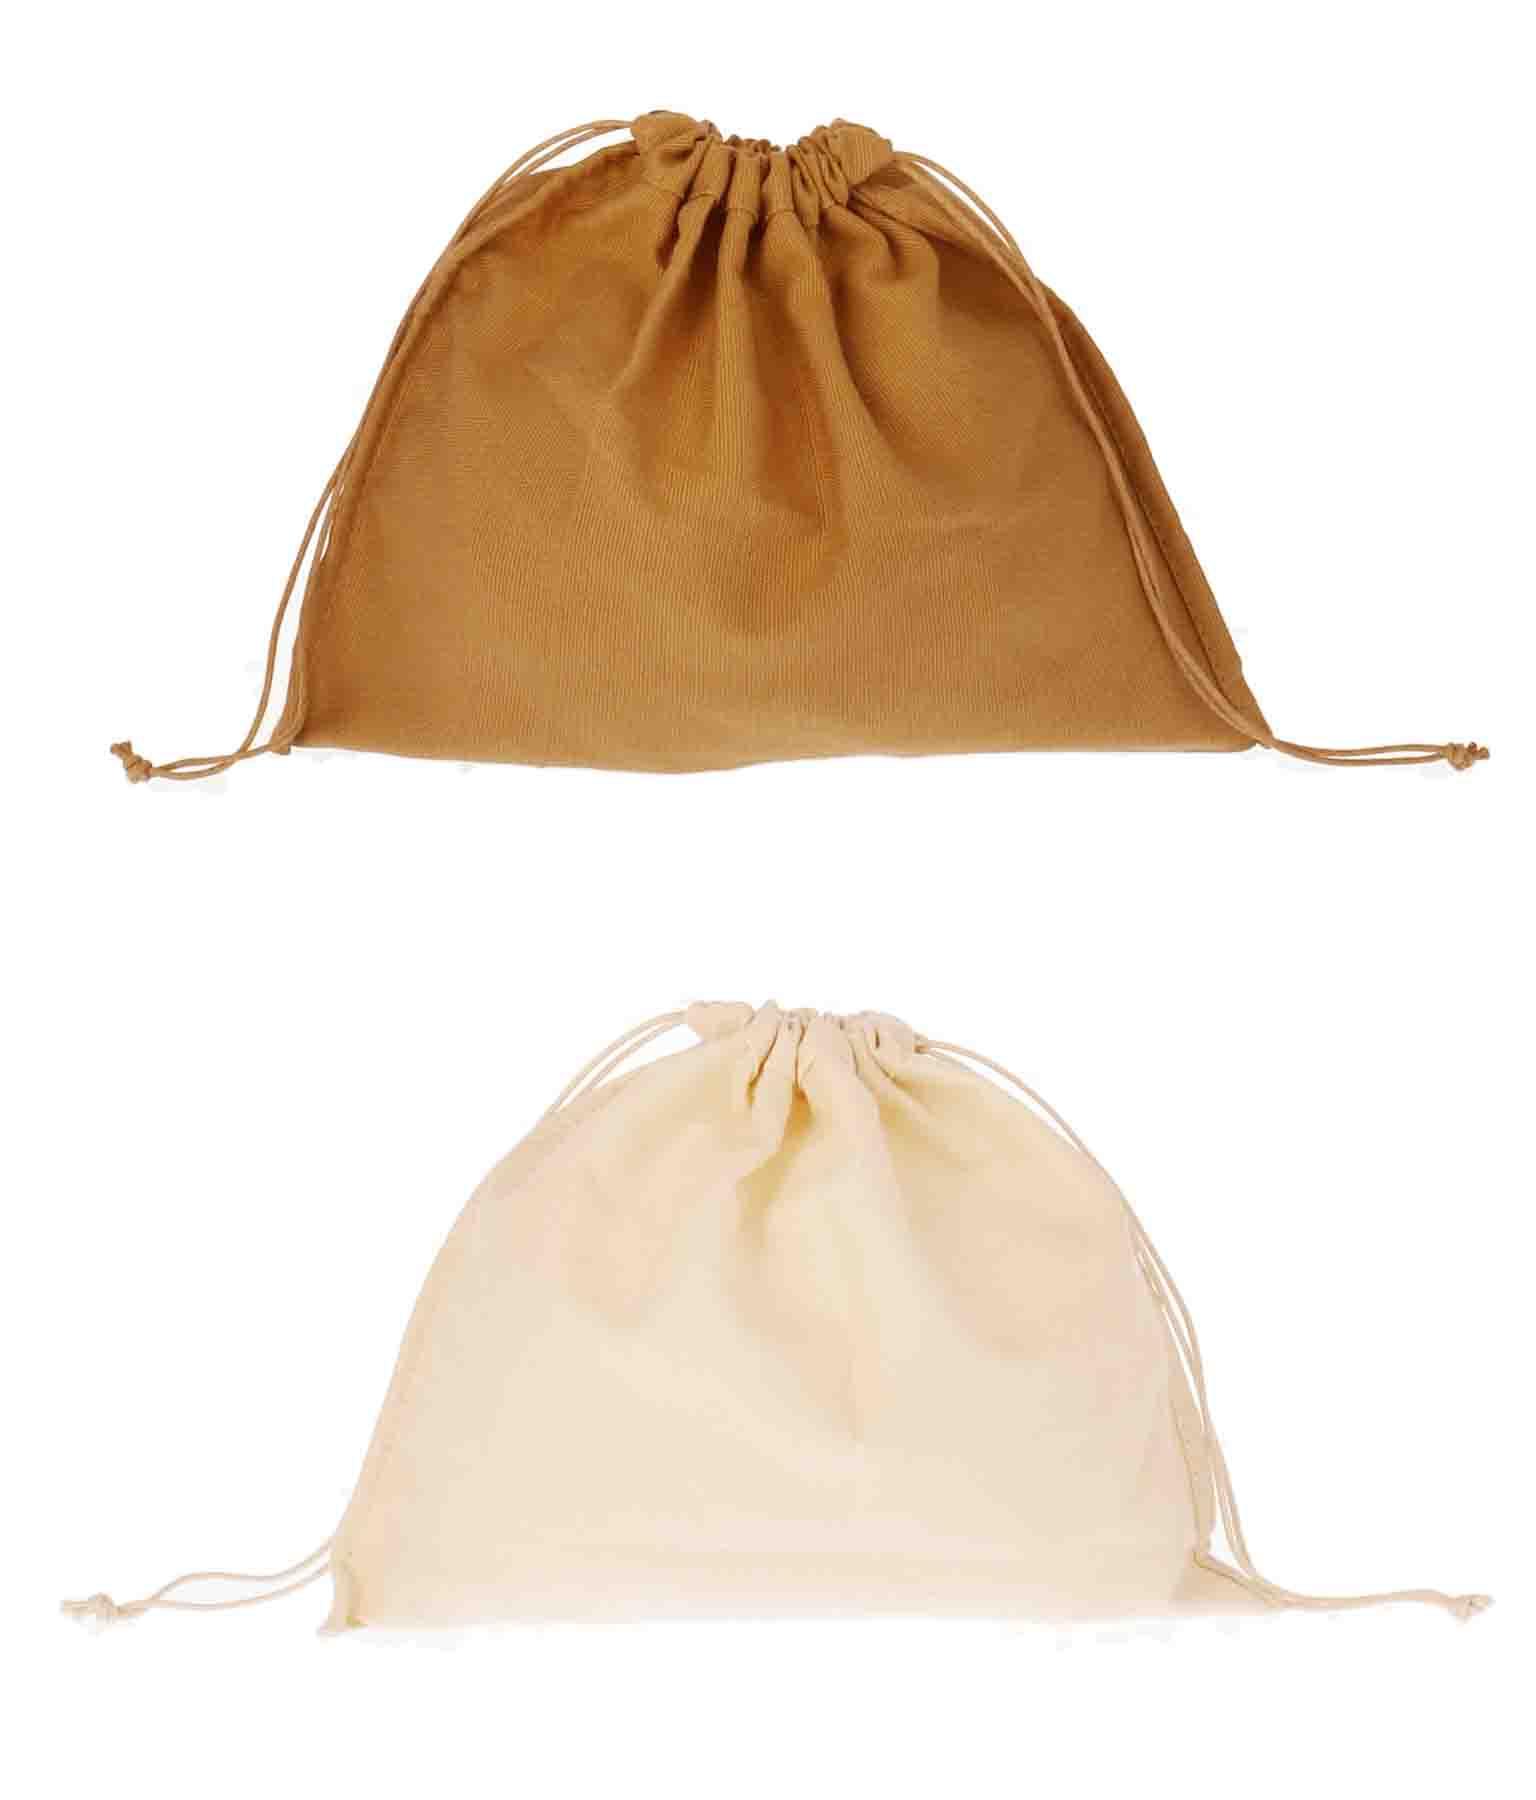 ポーチ付きマクラメトートバッグ(バッグ・鞄・小物/ハンドバッグ) | CHILLE